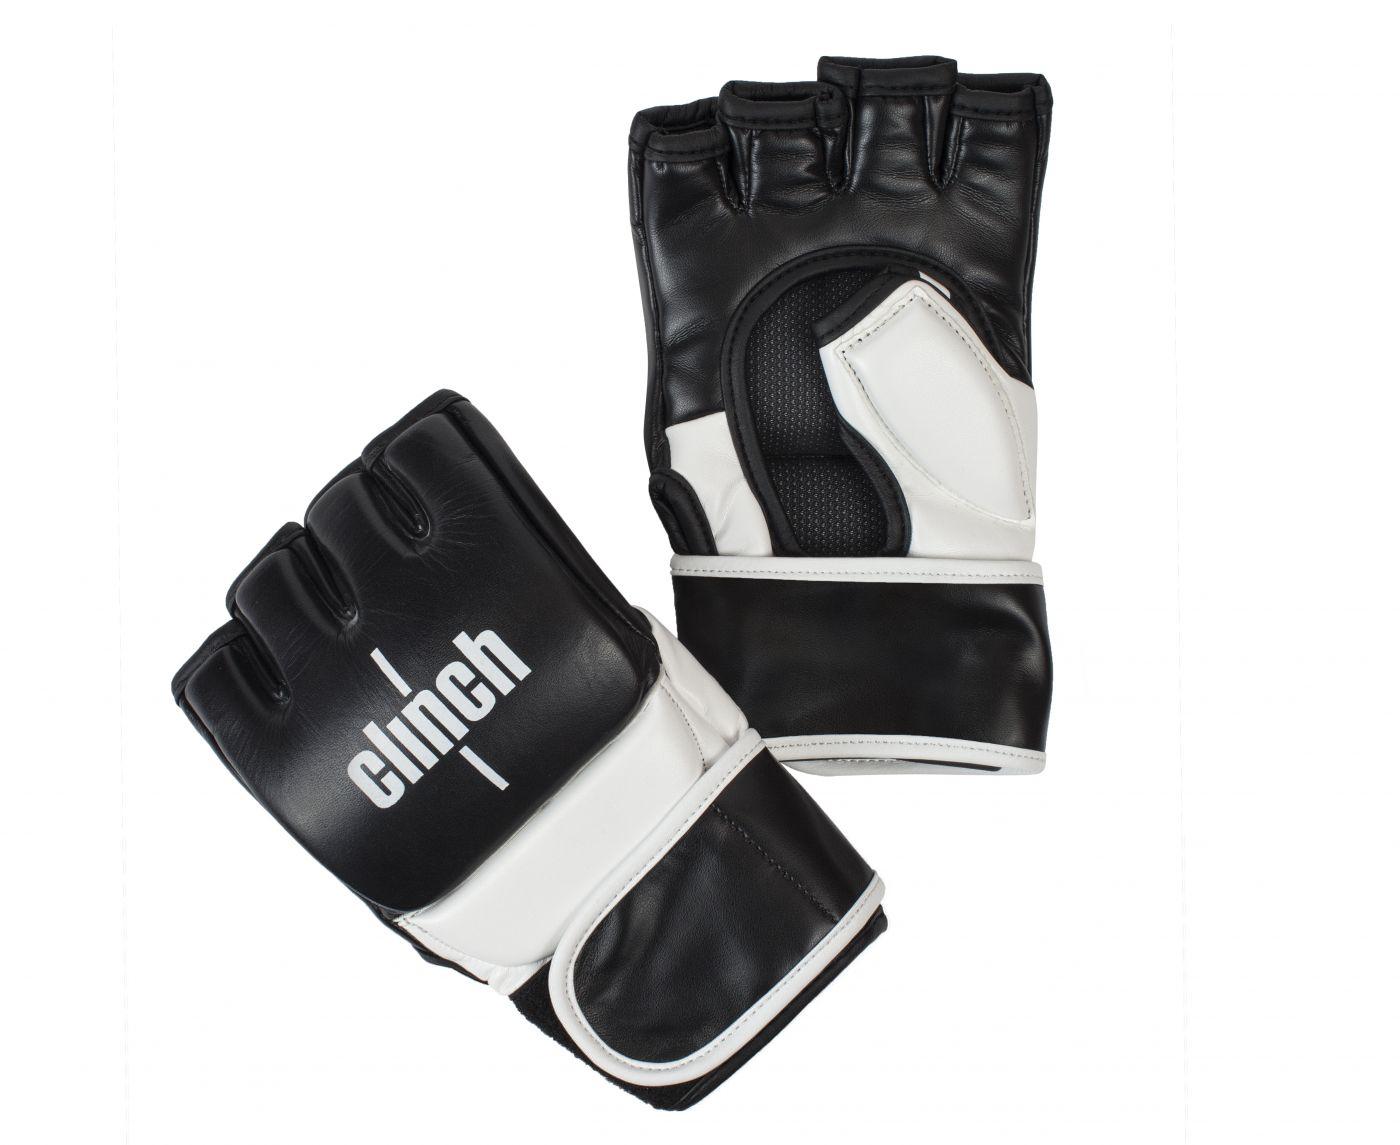 Перчатки для смешанных единоборств Clinch Combat черно-белые L/XL, артикул C611